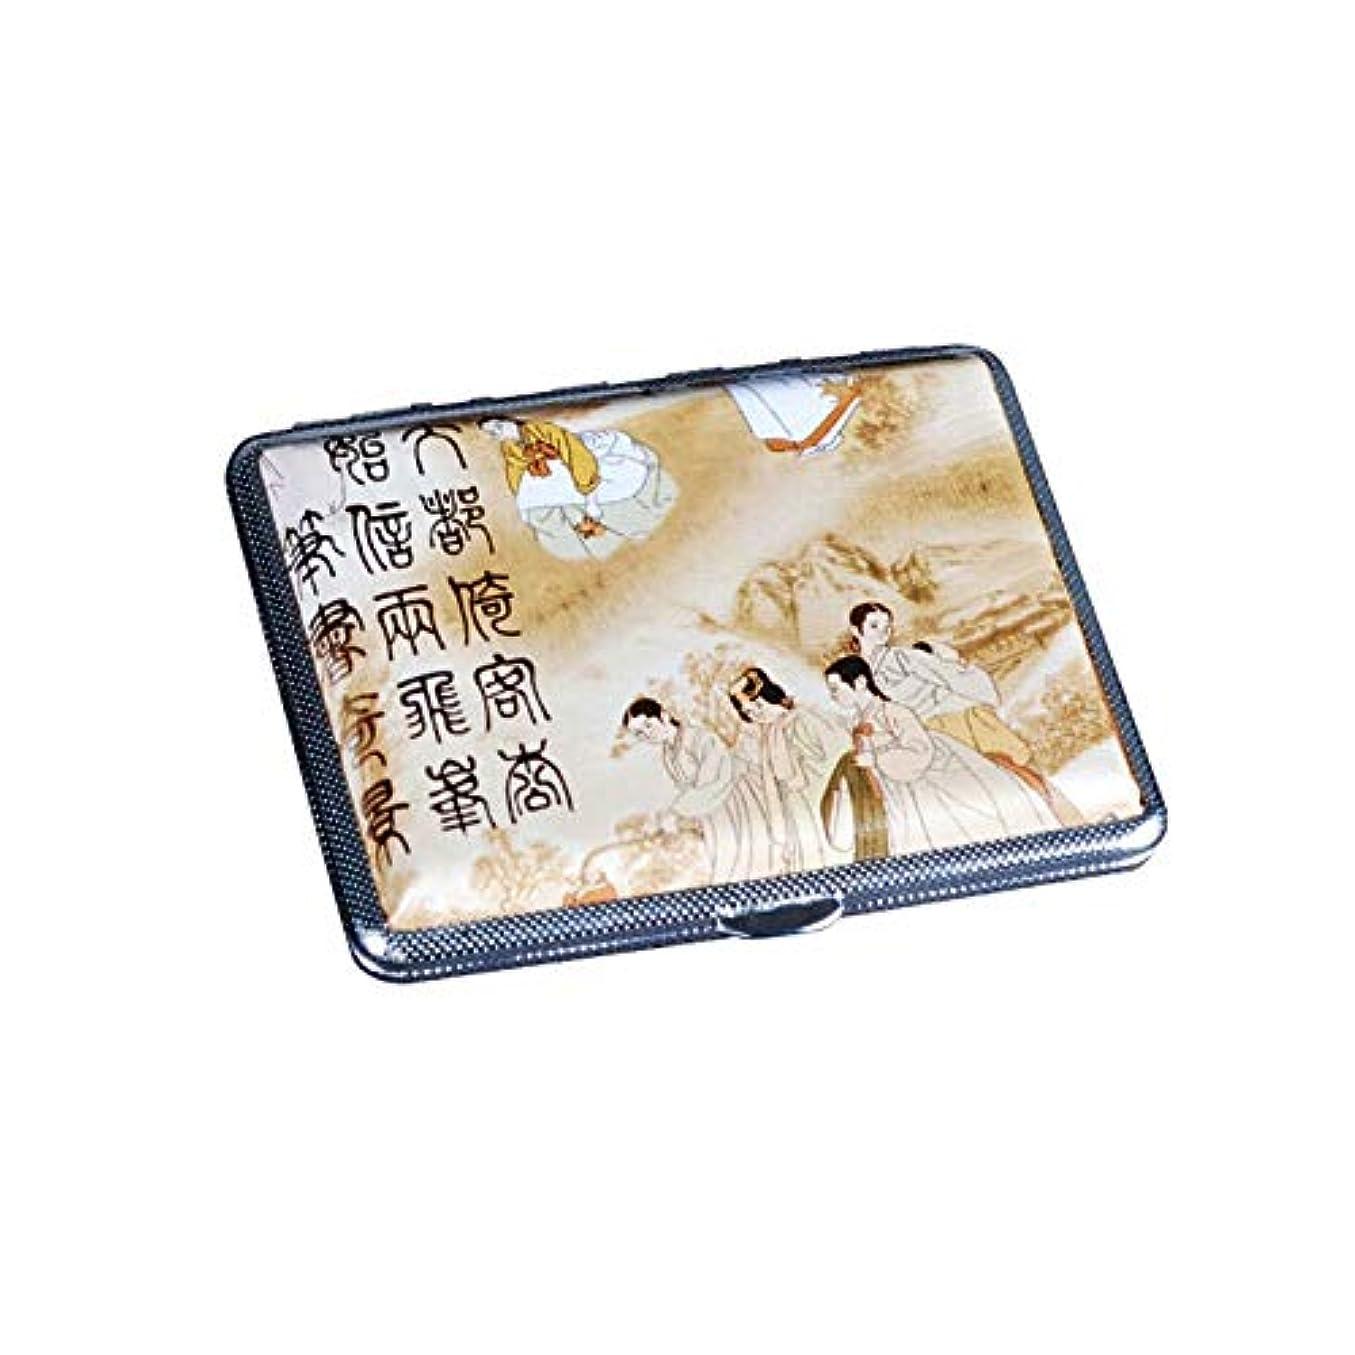 想像する進化洞察力のある8HAOWENJU シガレットボックス、自動ビジネス統合、メンズクリエイティブレザーシガレットケース、14/16/18スティック、高品質 最新モデル (Size : 18 sticks)